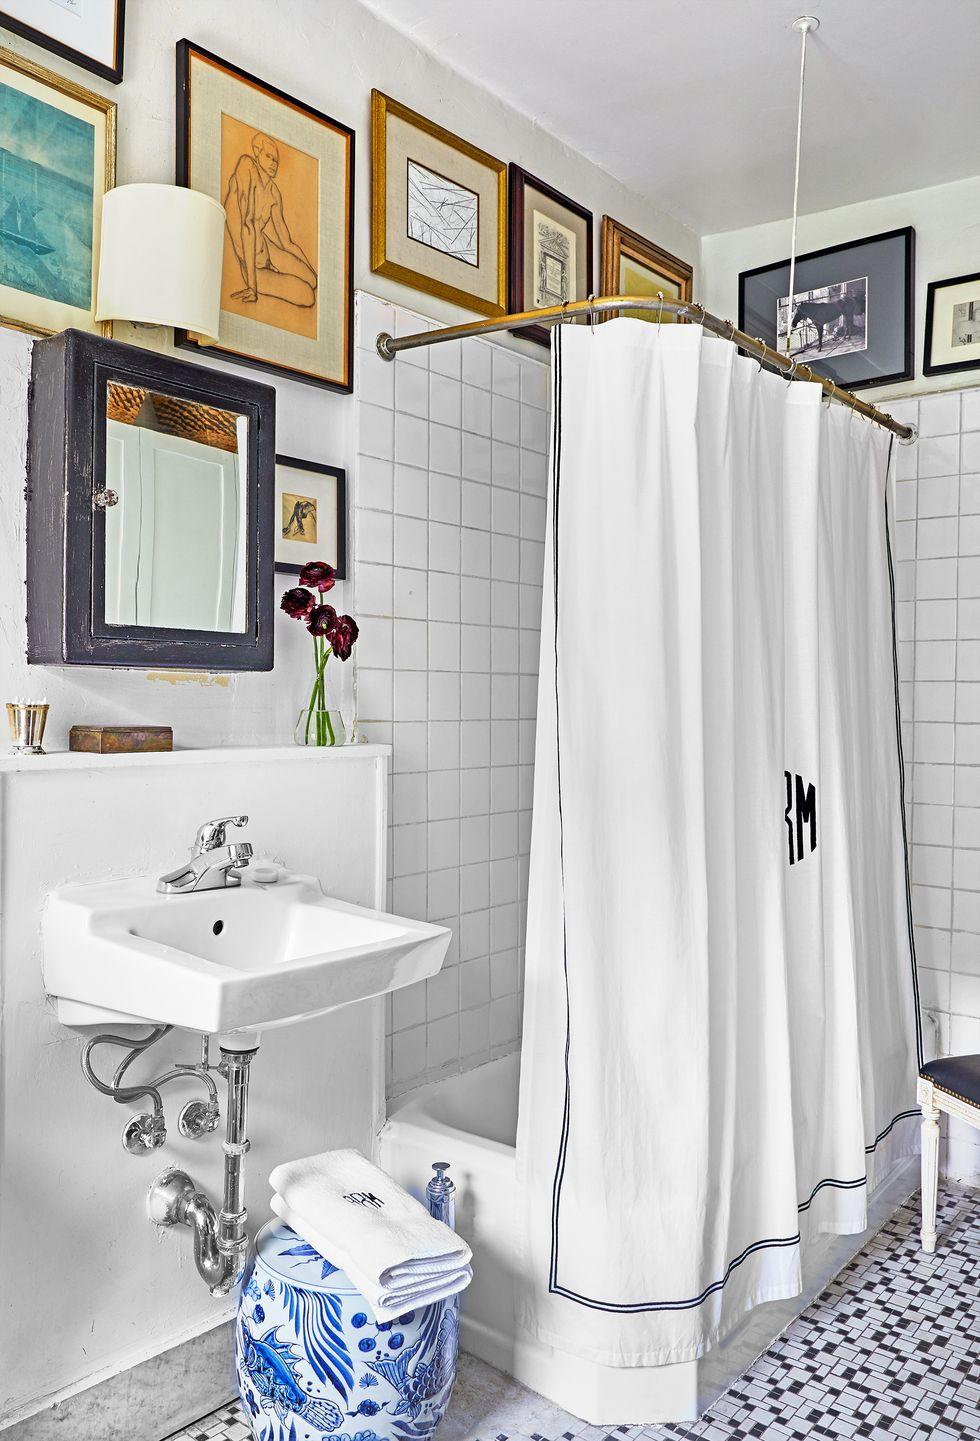 Những ý tưởng phòng tắm tuyệt vời khiến cho bạn không bao giờ muốn rời khỏi đây - Ảnh 11.